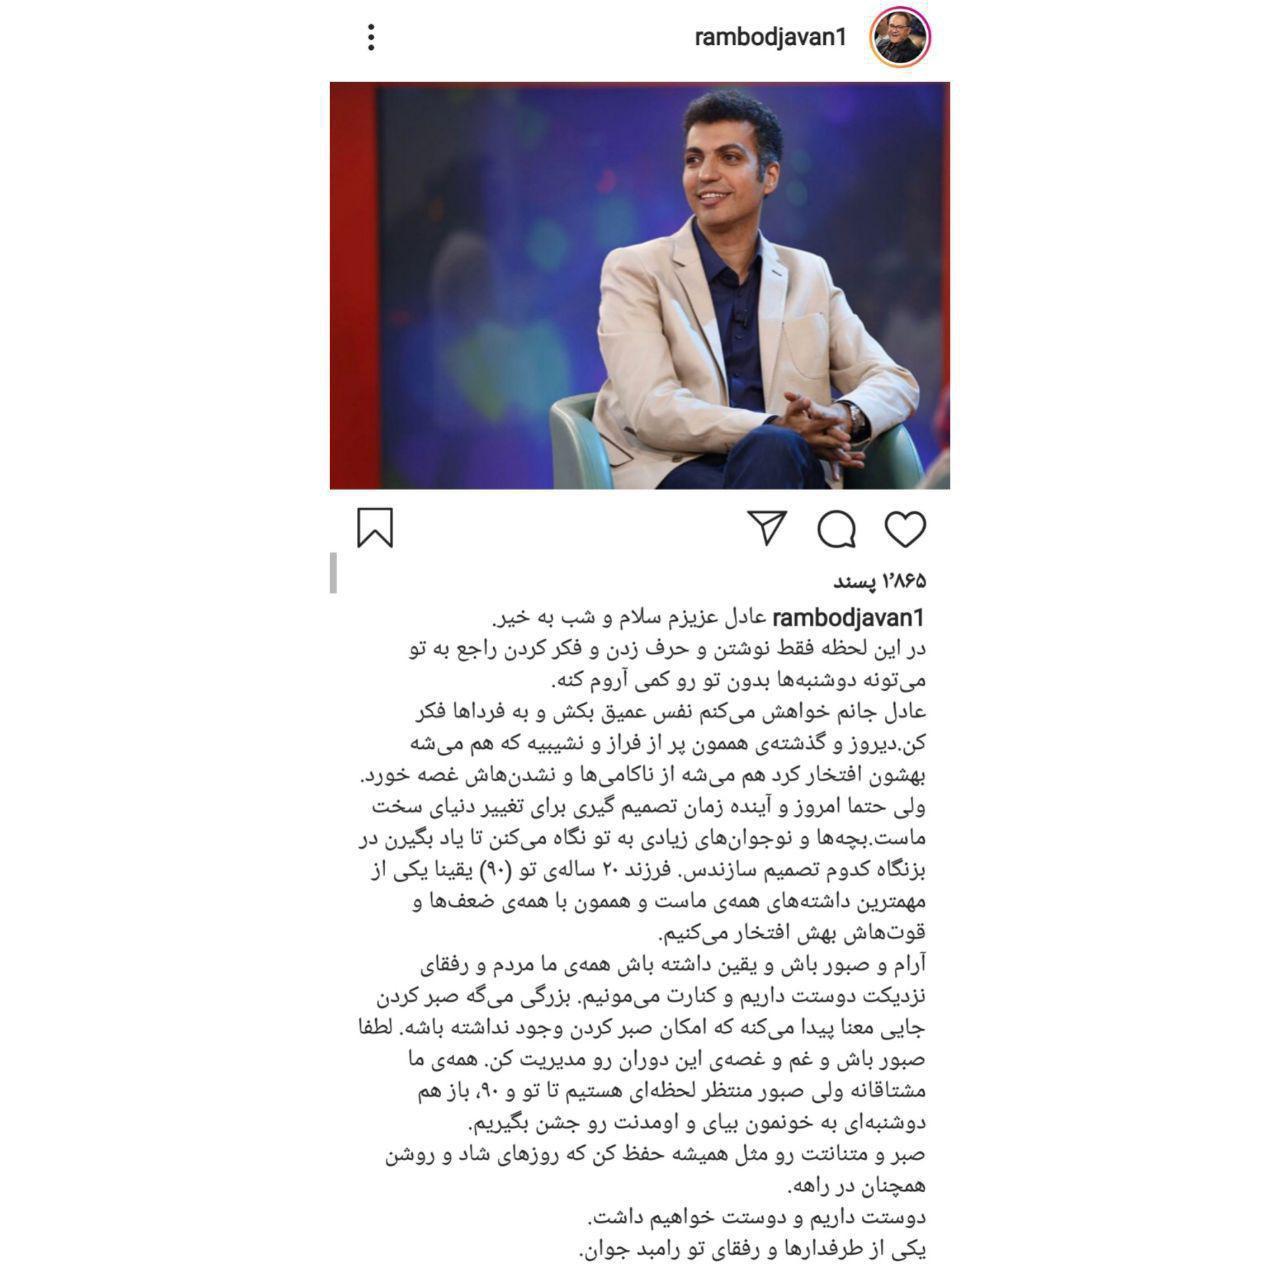 واکنش اینستاگرامی رامبد جوان به حذف عادل فردوسی پور از برنامه نود + عکس